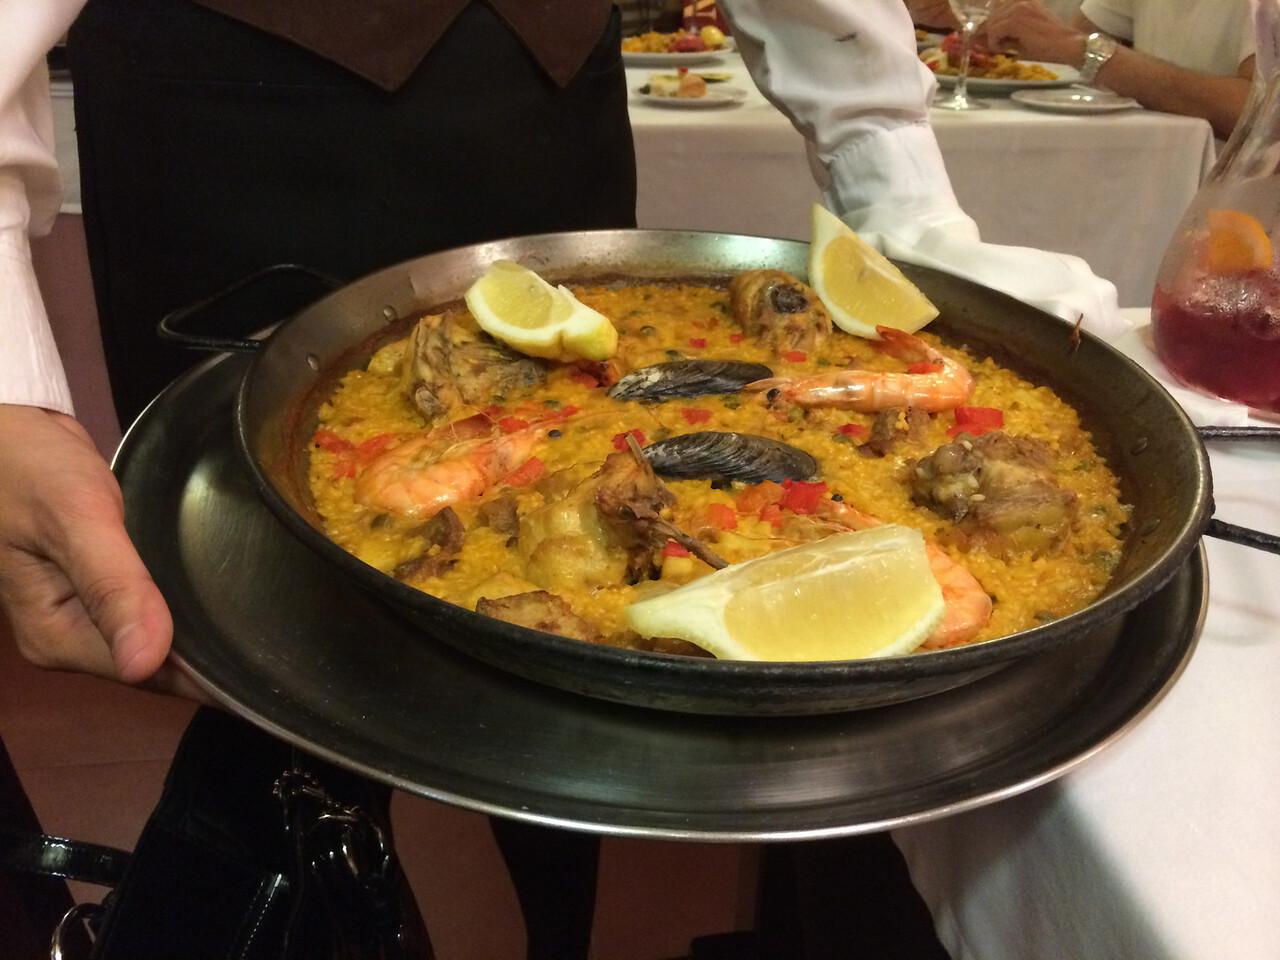 Delicioso Paella!